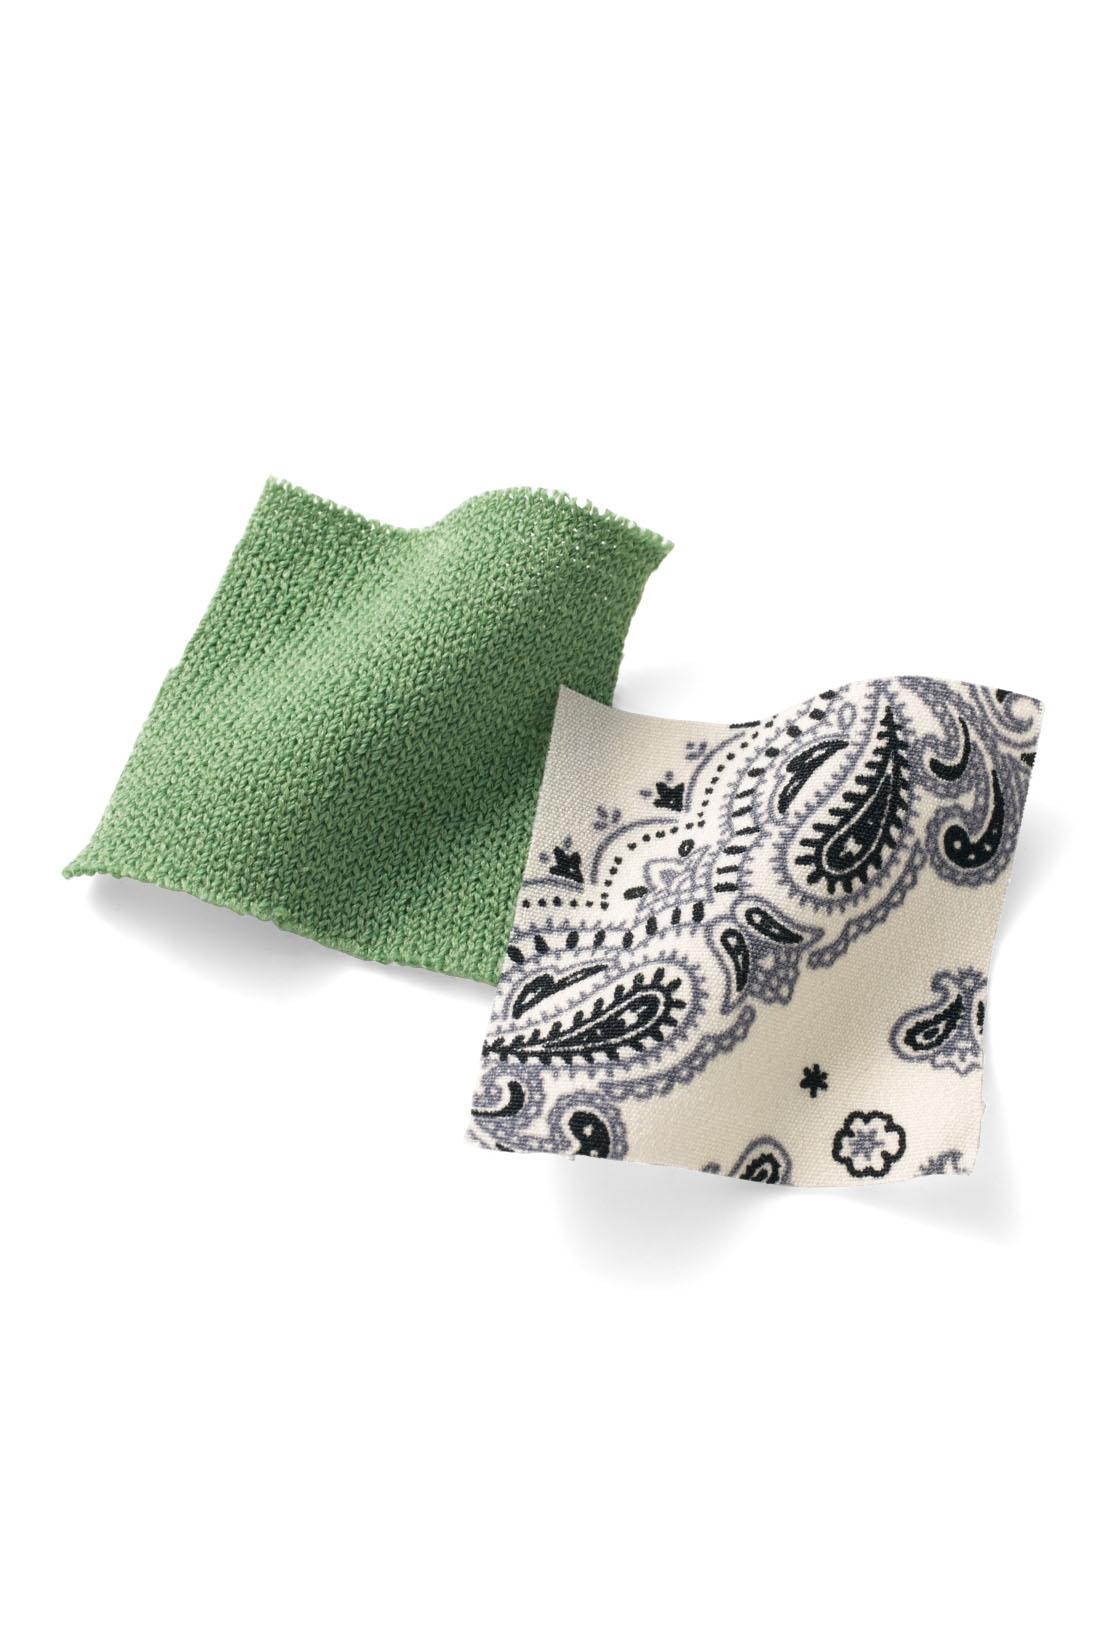 シャリッとした質感の薄手のニット素材と、透けにくいバンダナ柄の布はく素材の組み合わせ。 ※お届けするカラーとは異なります。